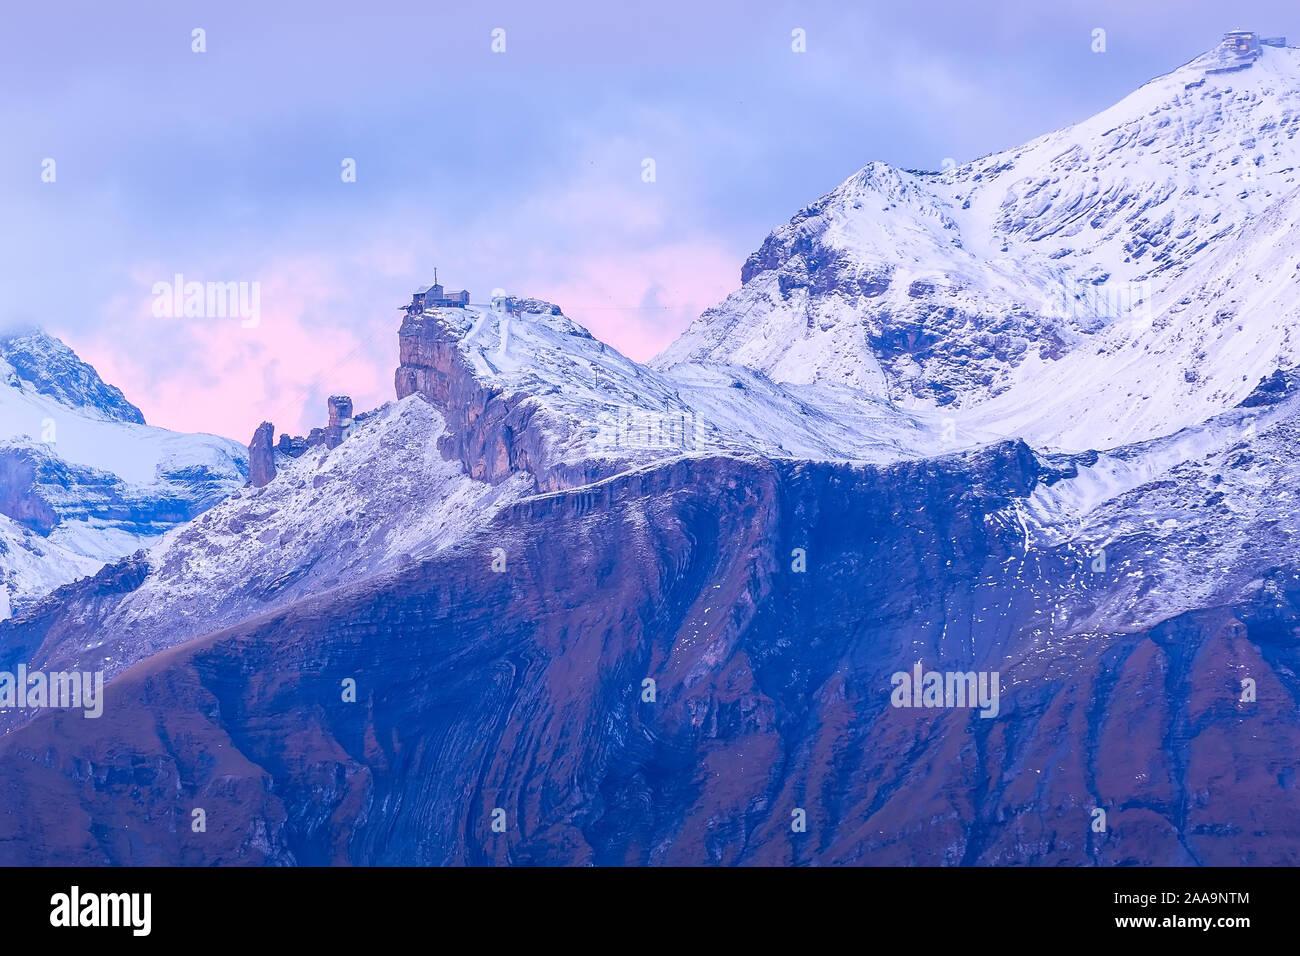 Panoramic view of Swiss Alps, Jungfraujoch region, pink sunrise, Schilthorn peak, Bernese Oberland, Switzerland Stock Photo